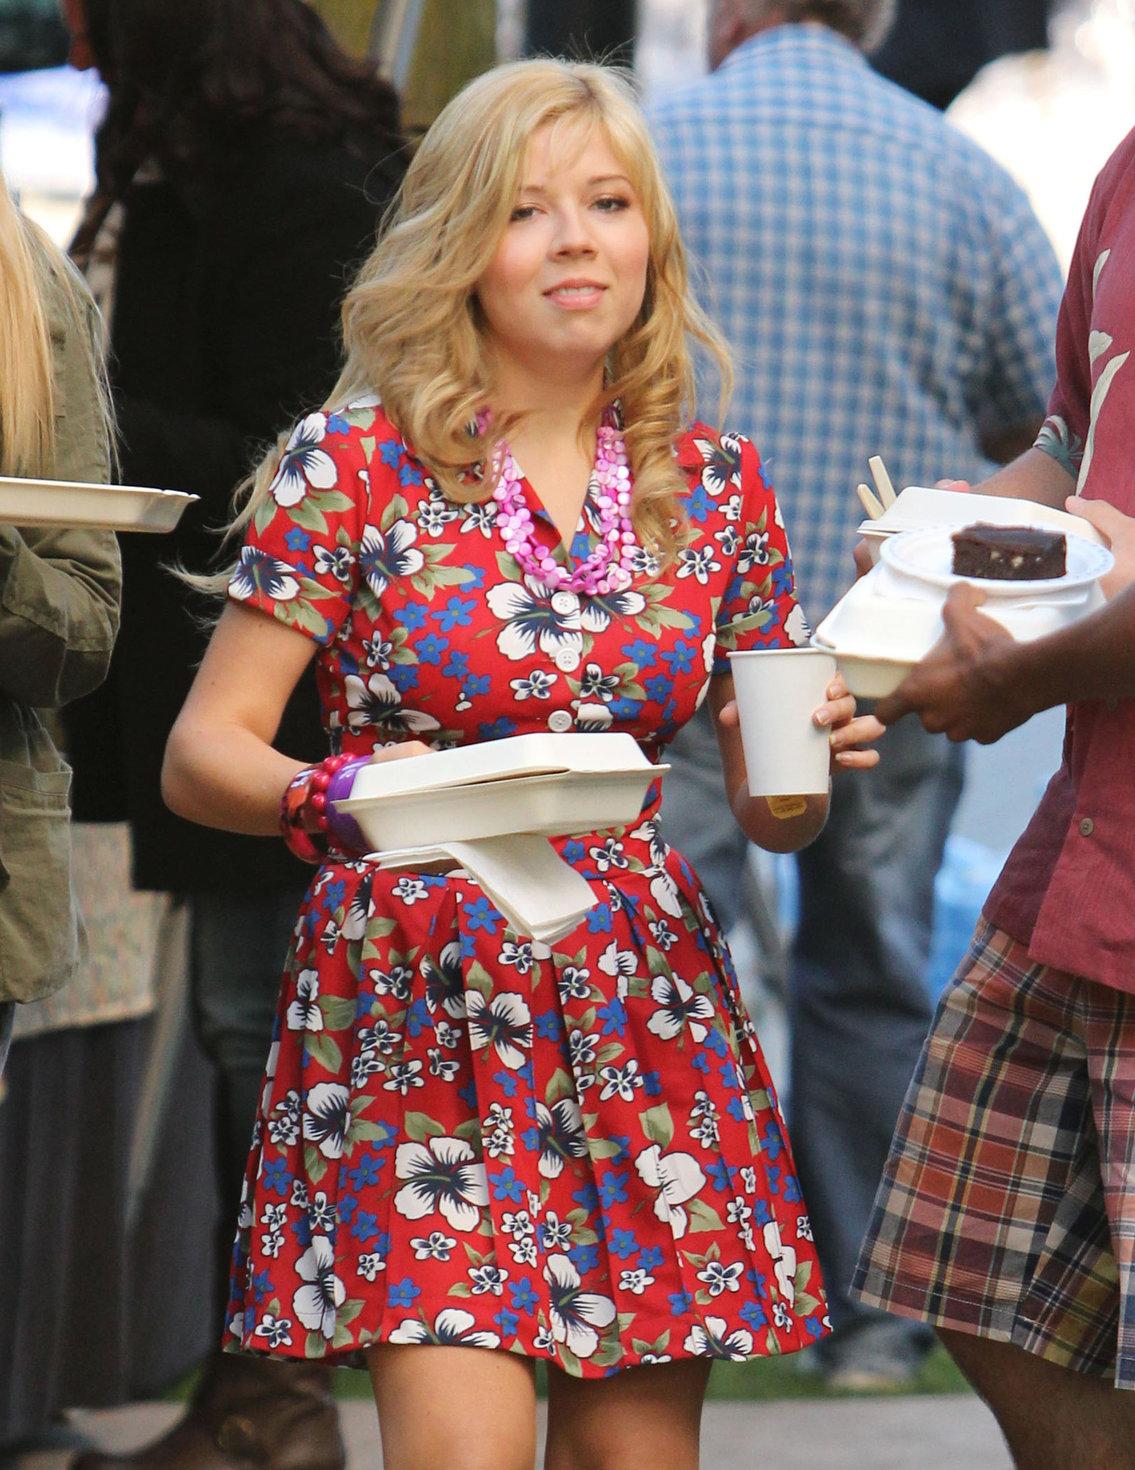 Jennette McCurdy lunch break on set of 'Swindle' in Vancouver 10/4/12